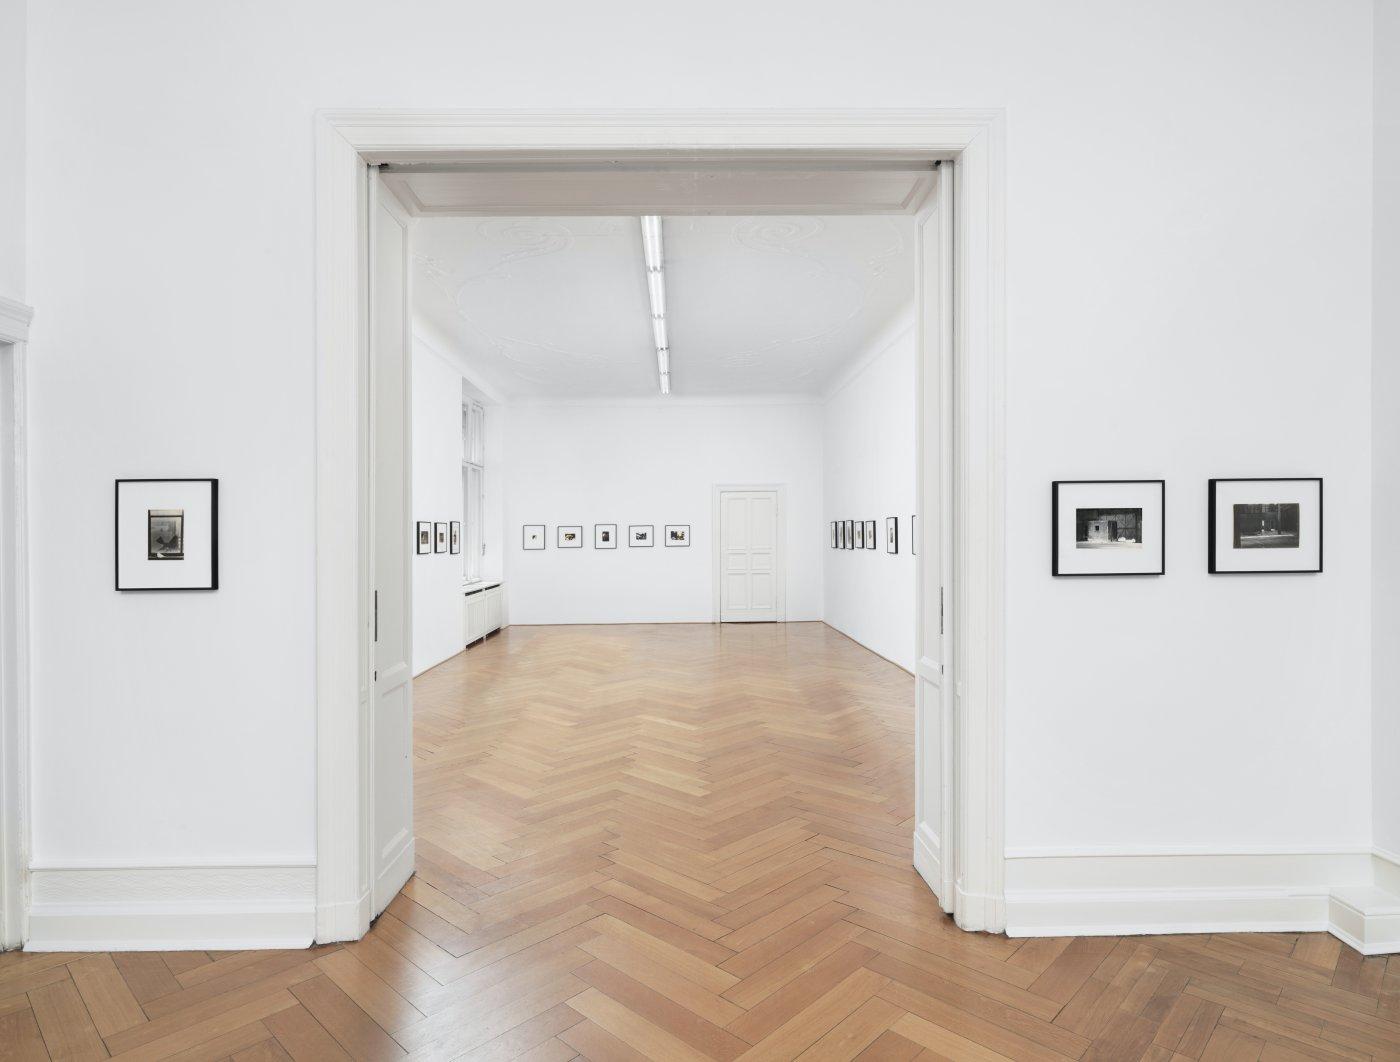 Galerie Buchholz Berlin Alvin Baltrop 8